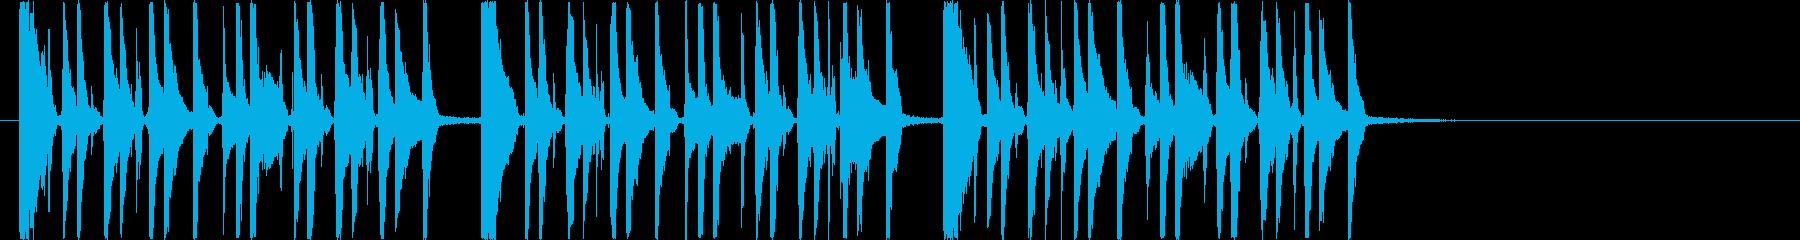 リズミカルでアップテンポなシンセジングルの再生済みの波形